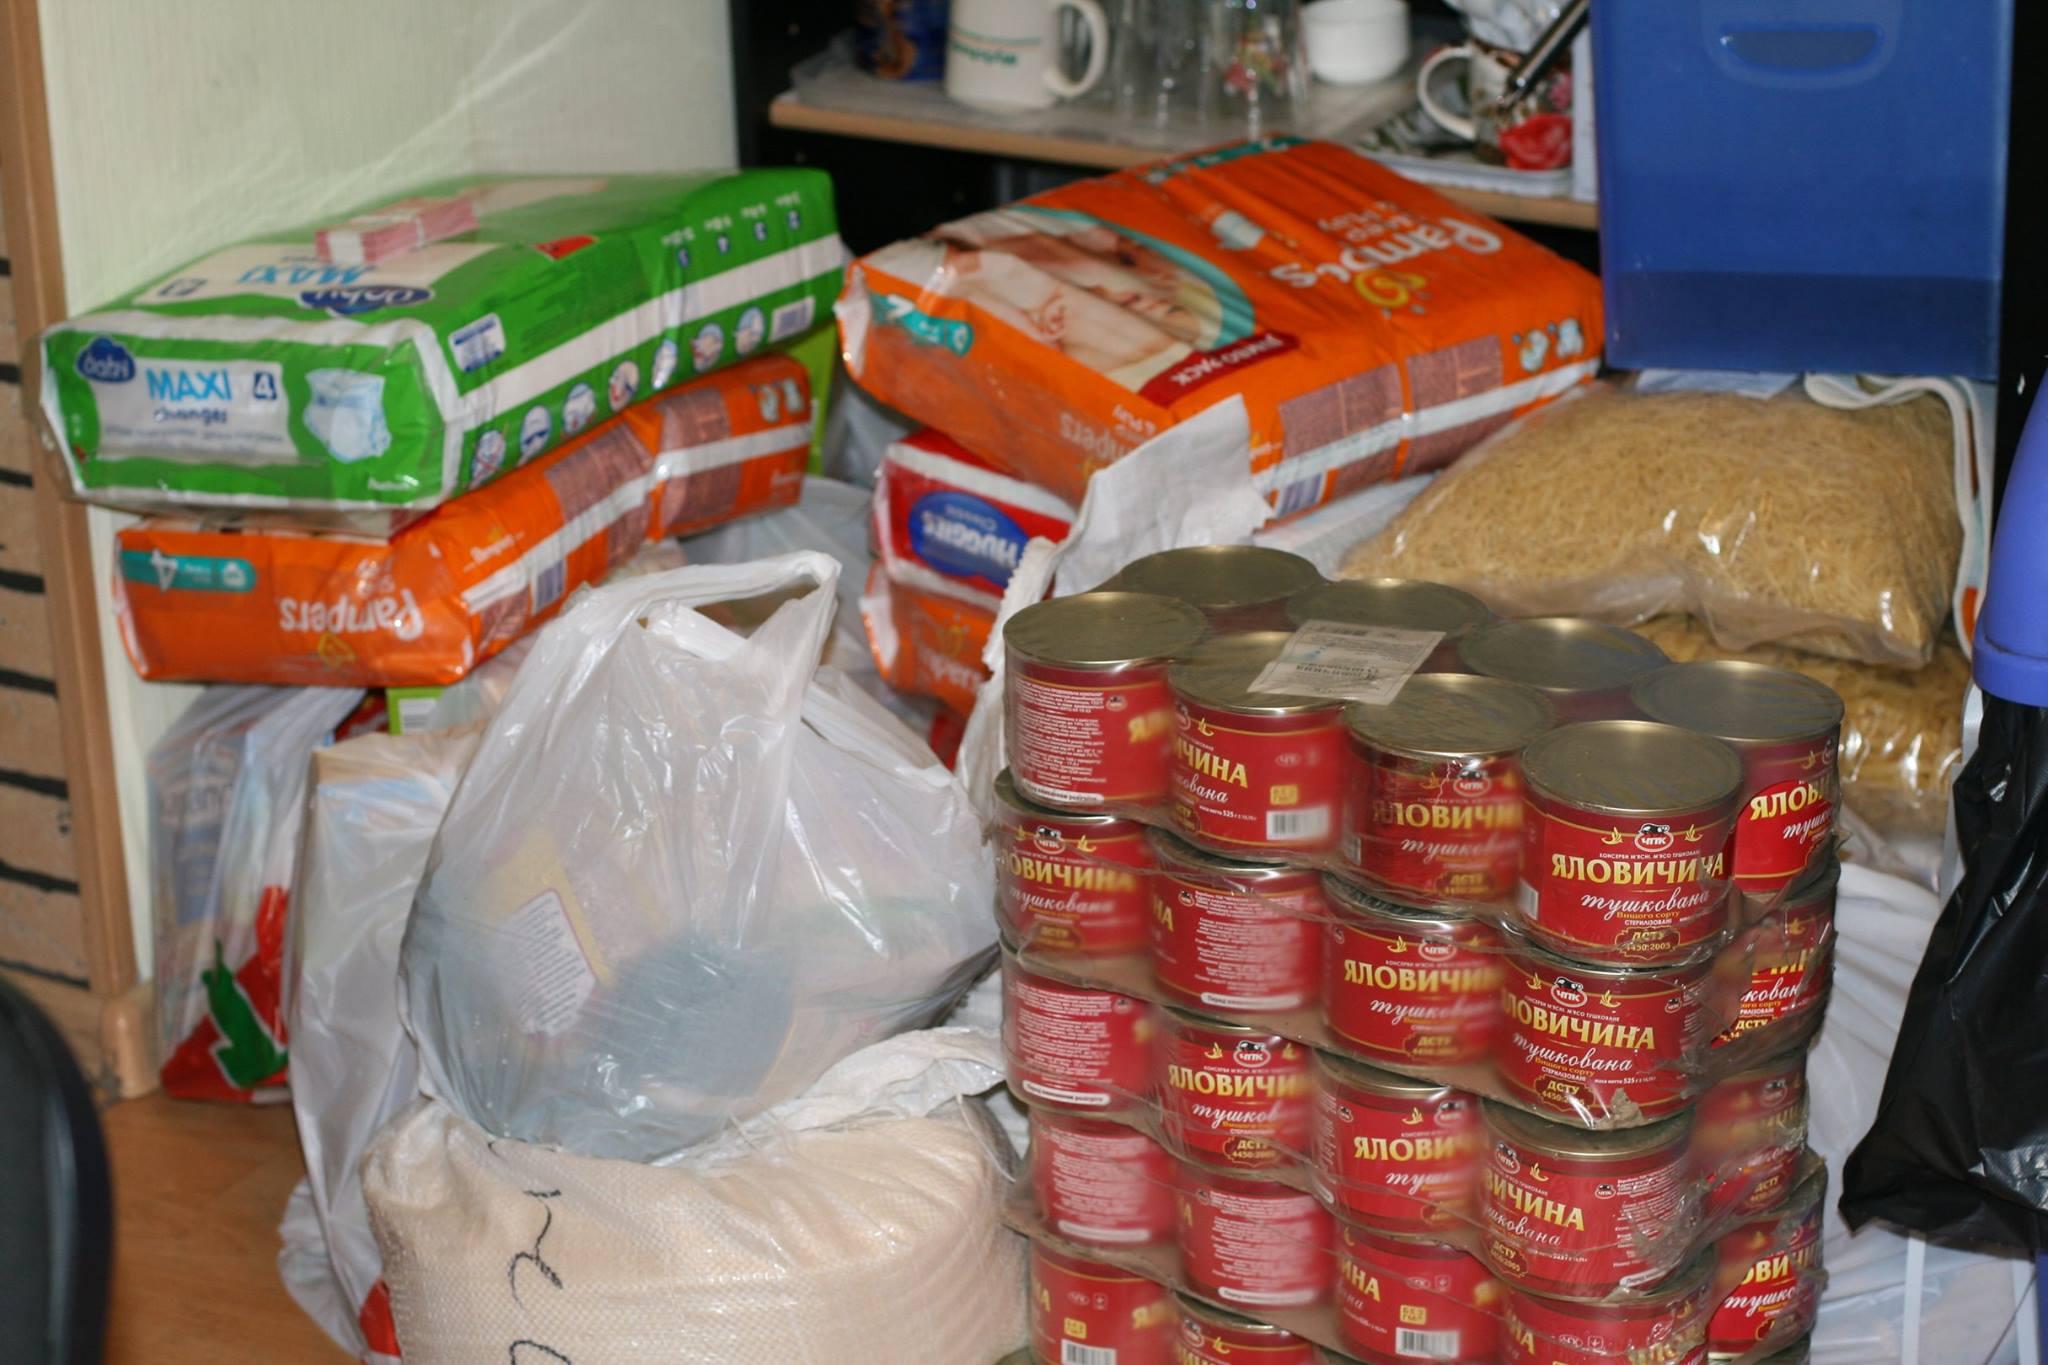 Новости Атырау - Волонтеры Атырау собирают помощь для пострадавших от паводка актюбинцев 1404932_741044032606058_1504814476613247796_o